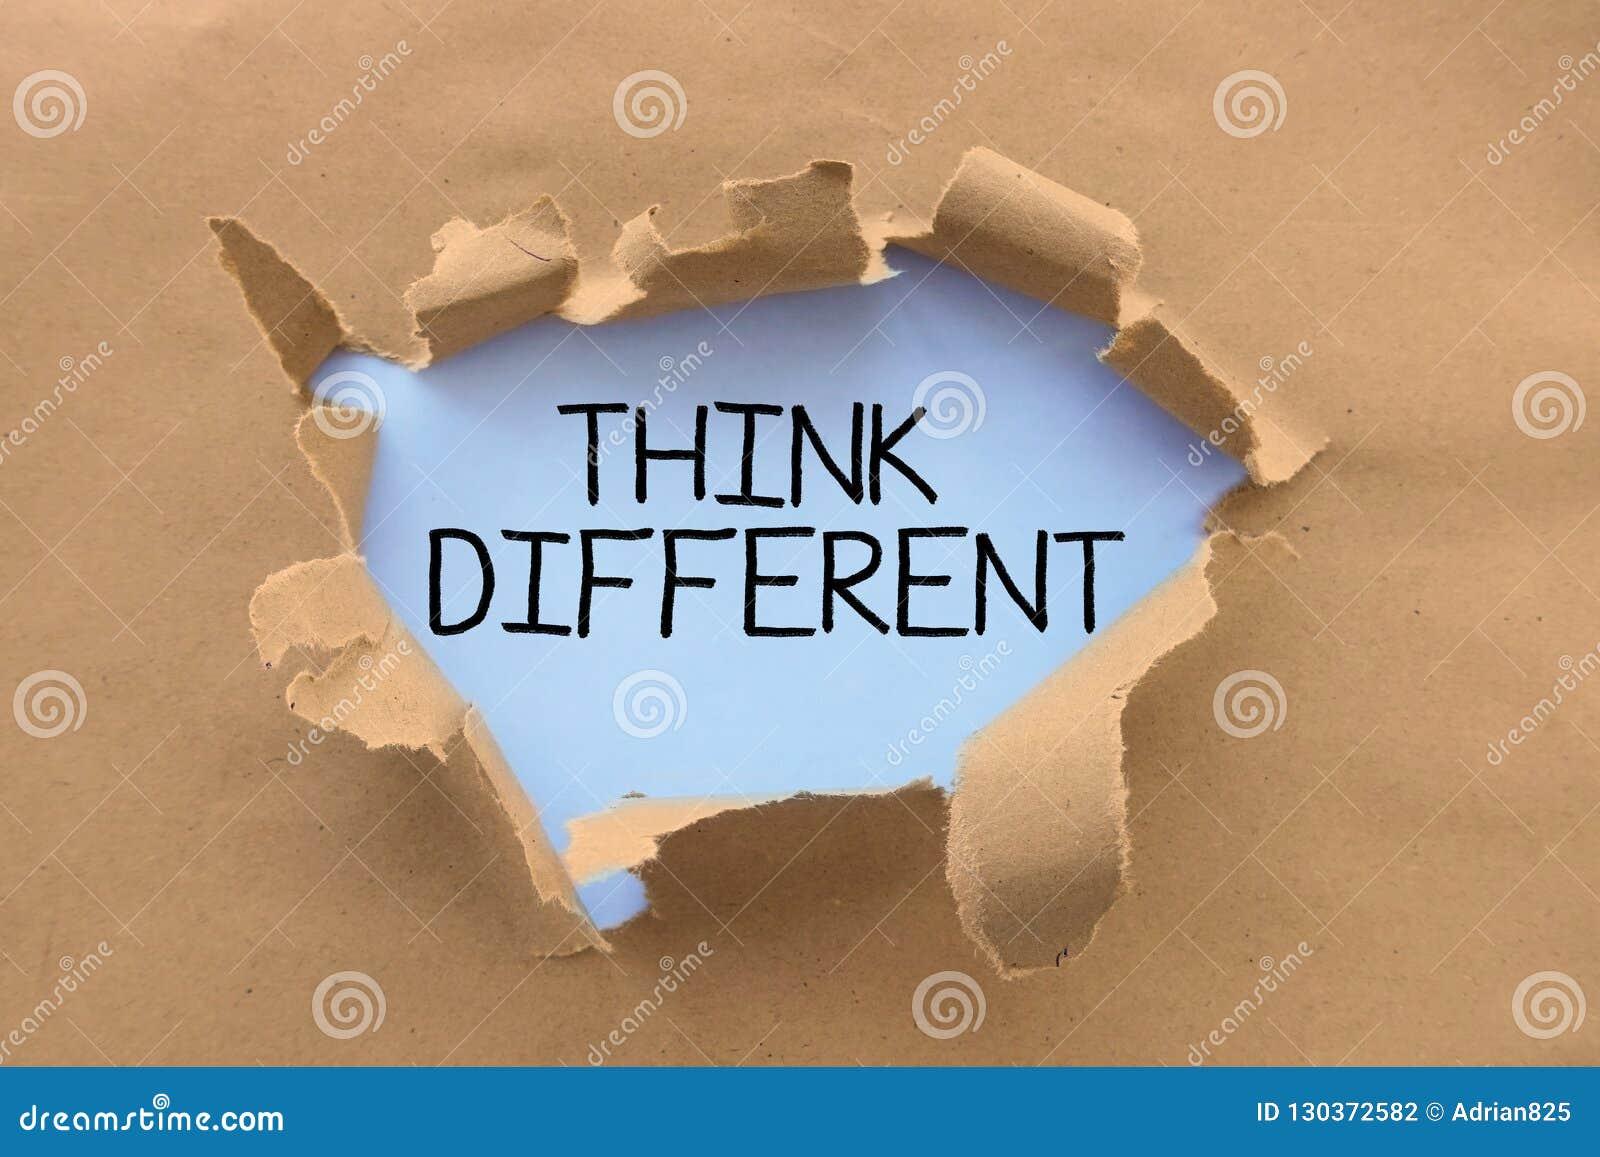 Denk verschillende raad op witte pagina, achter gescheurd pakpapier of karton met de hand geschreven